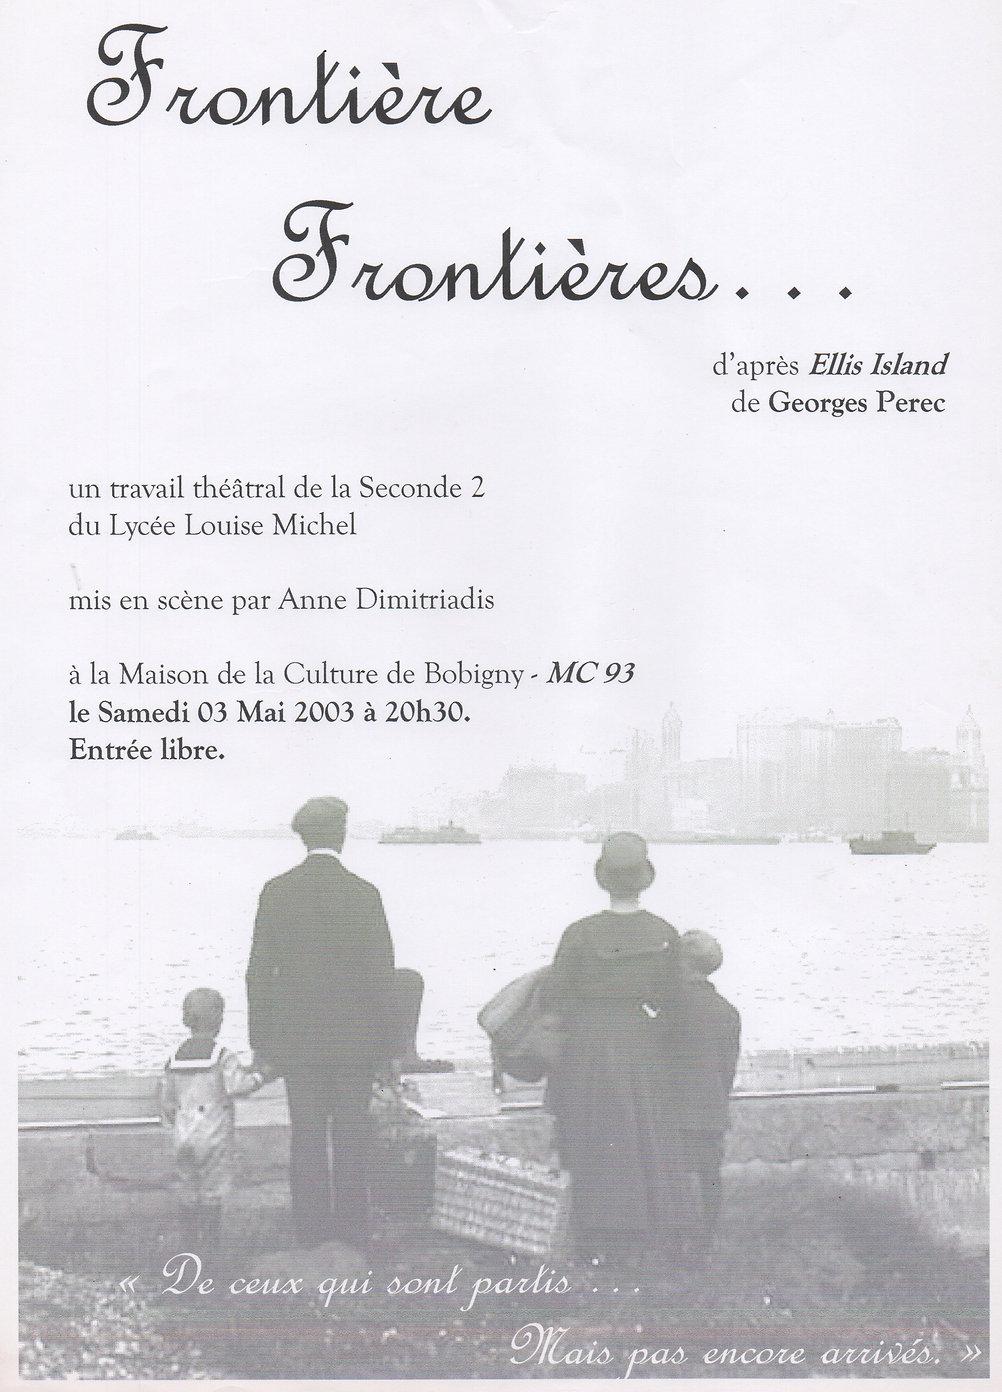 Invitation Frontière Frontières.jpeg